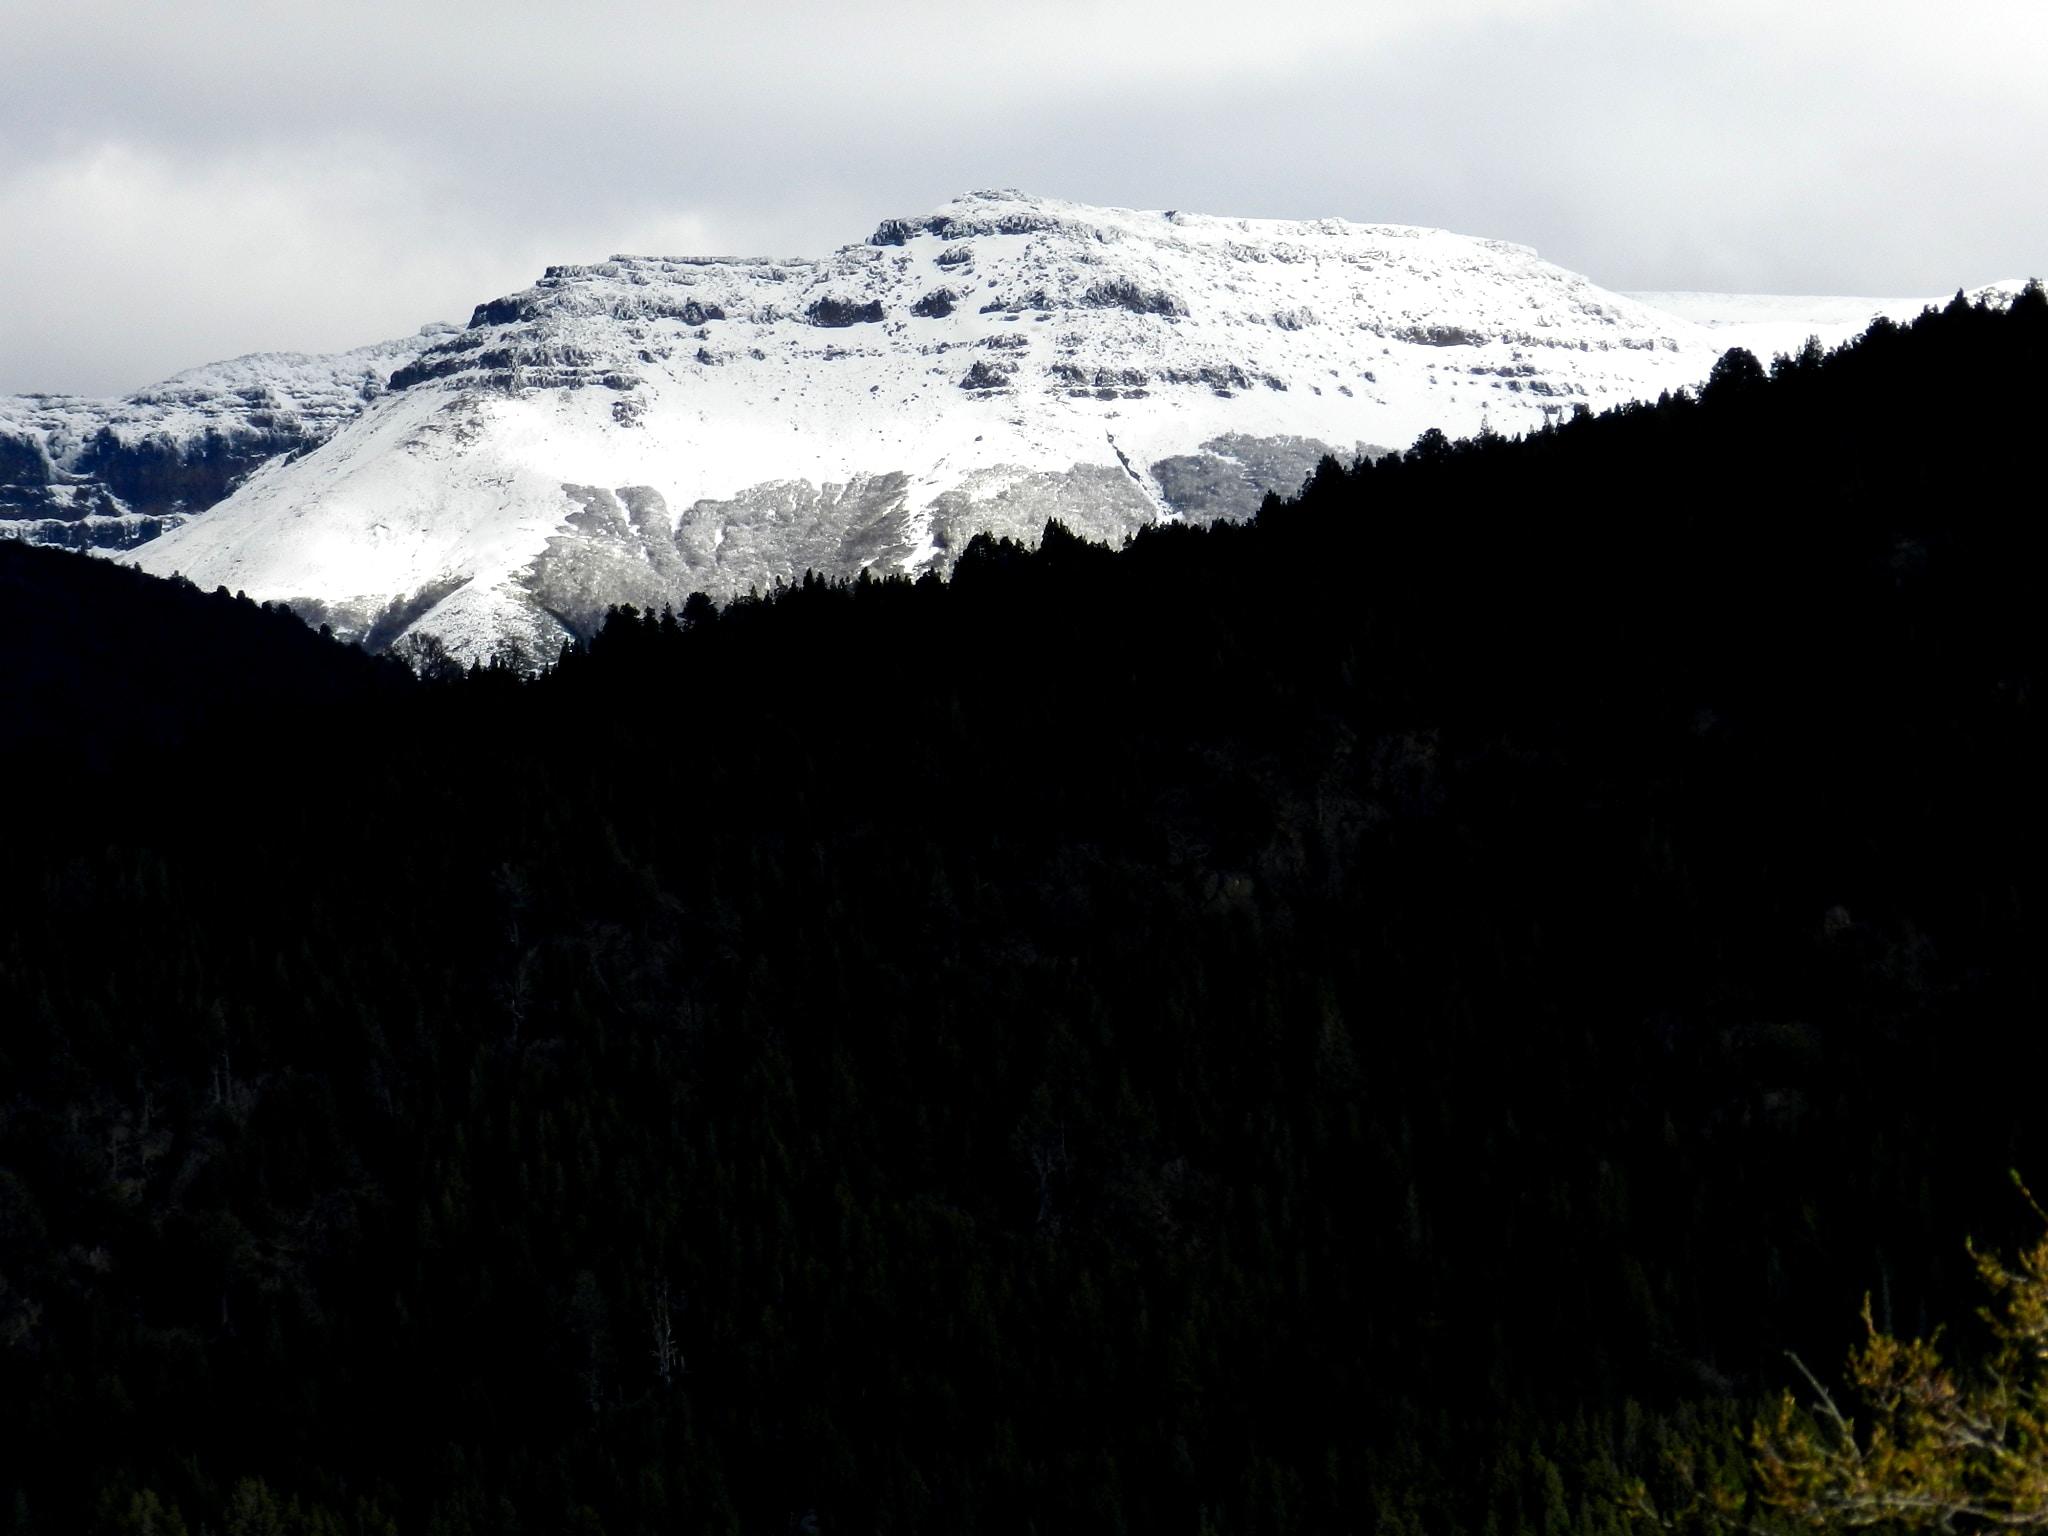 cloudy sky over alp mountain